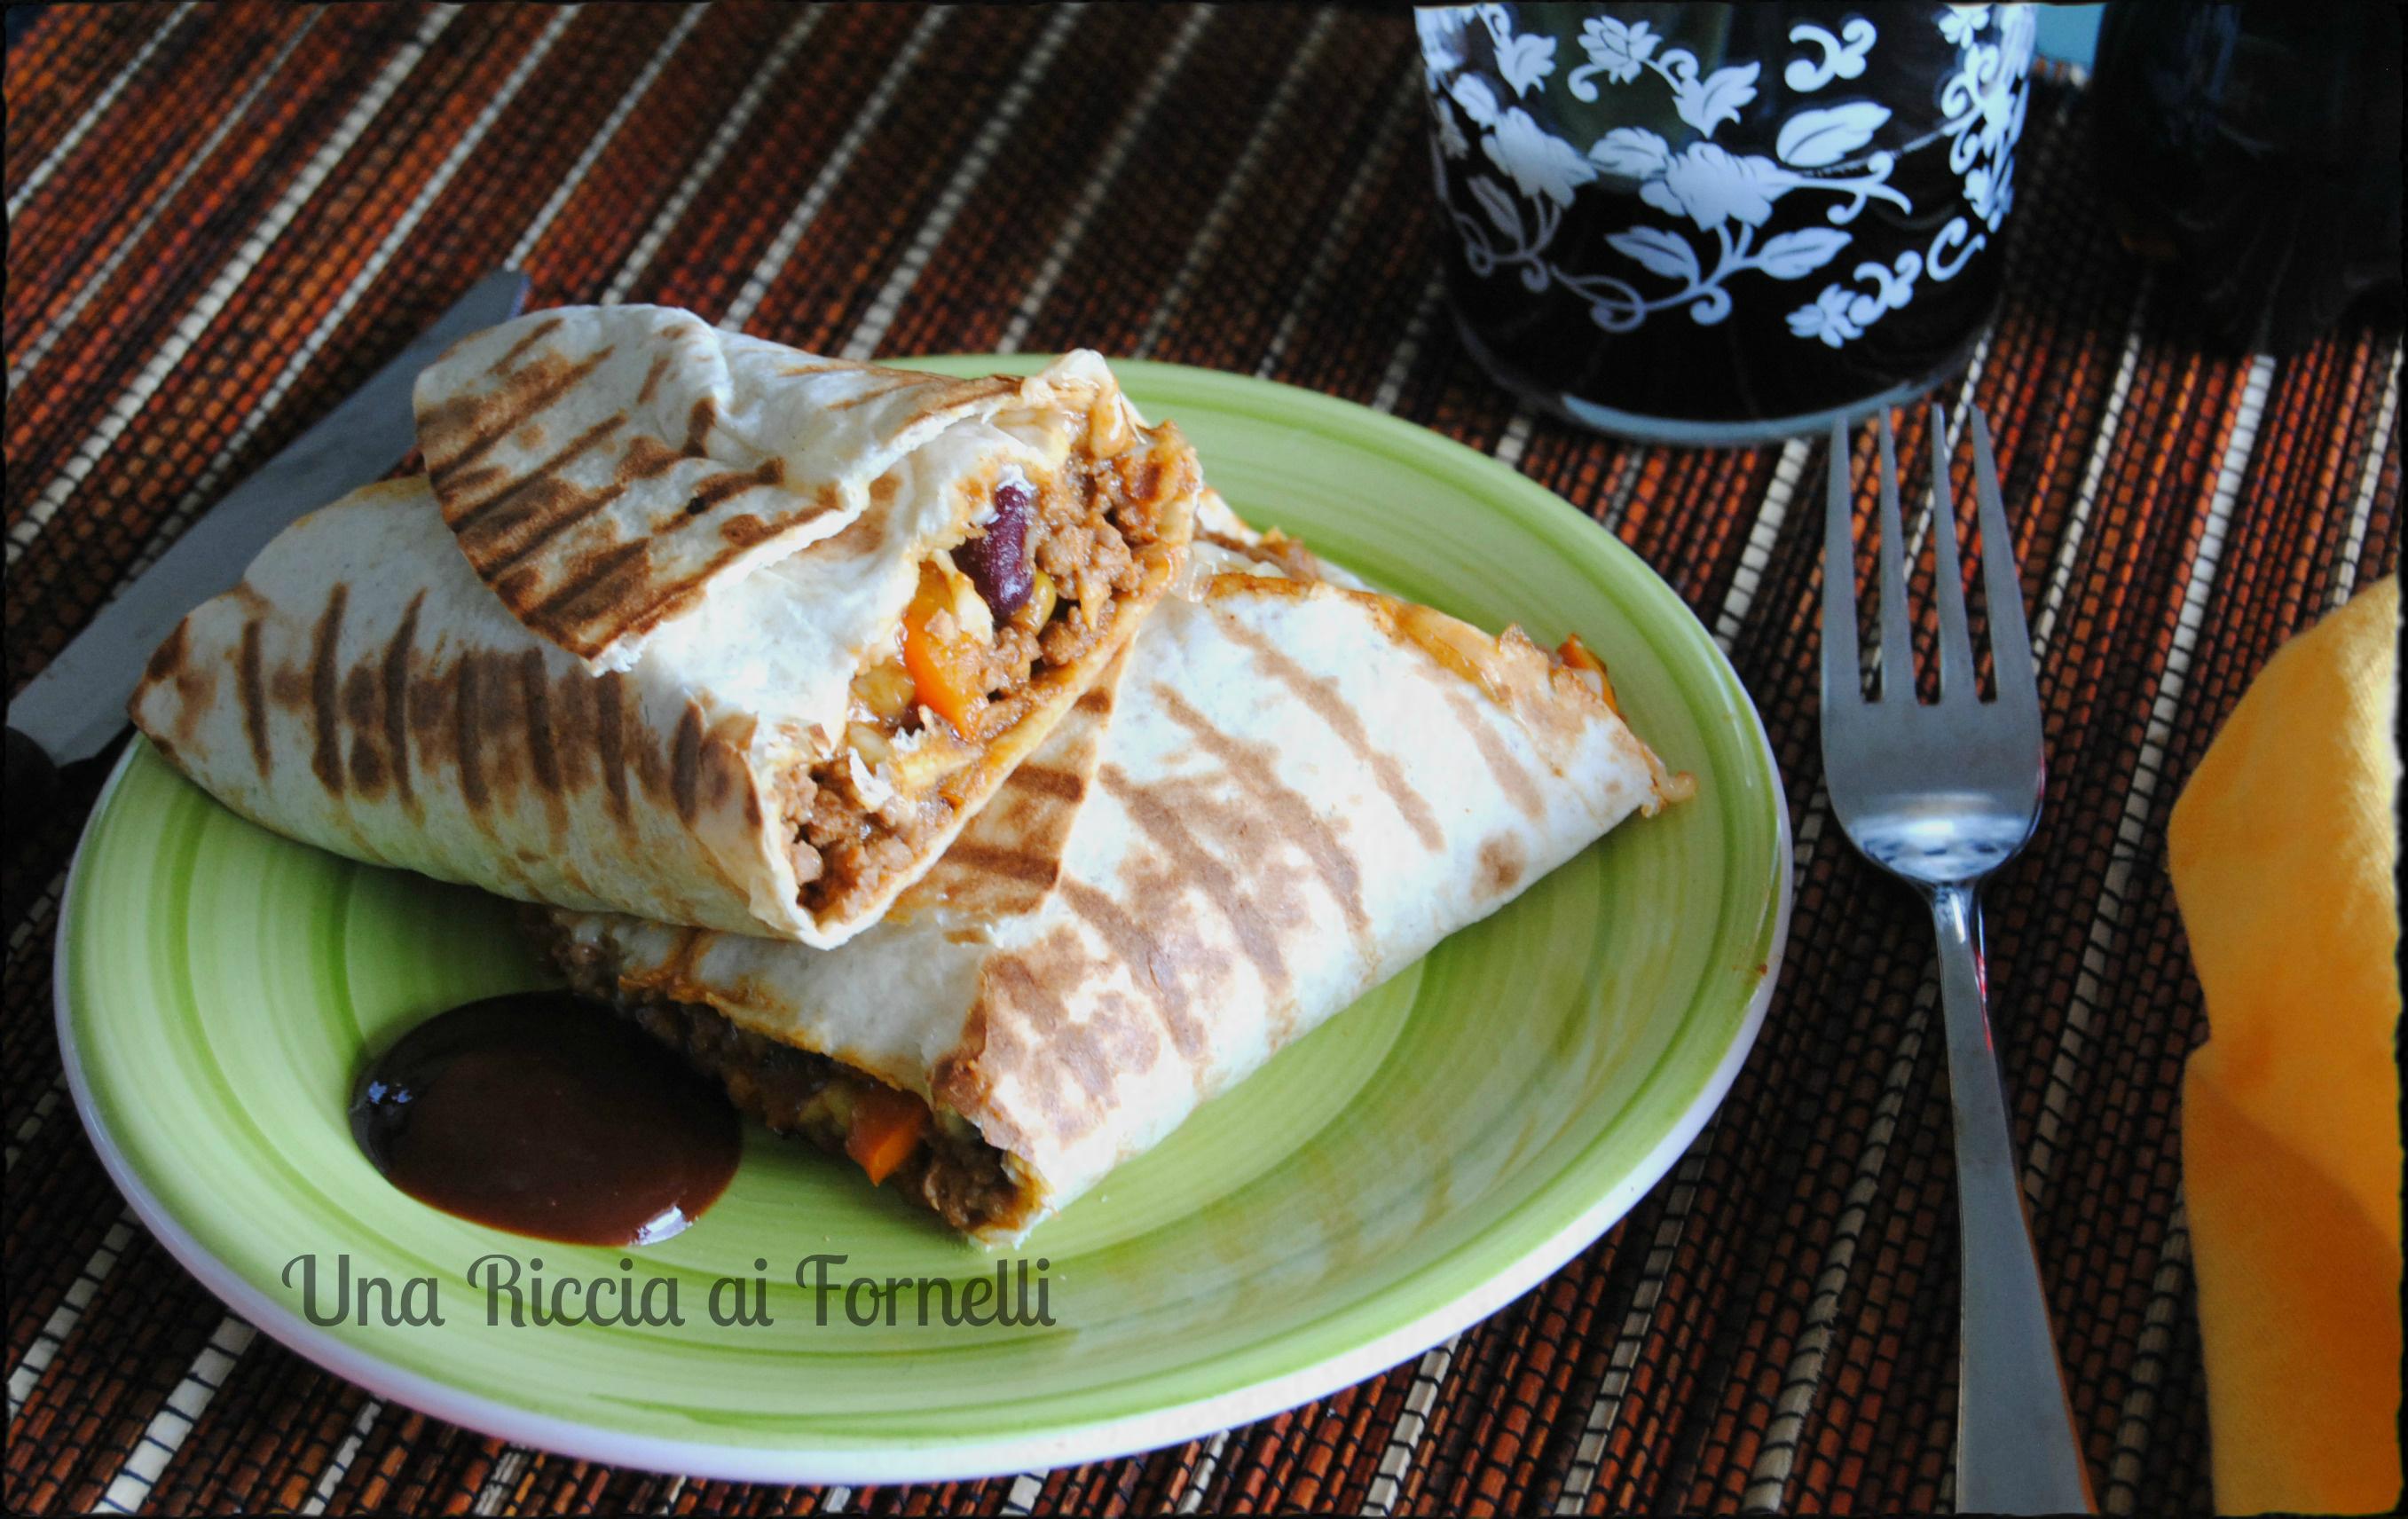 Burritos burritos di carne ricetta burritos ricetta messicana ricetta tex mex - Maiale sul divano ...